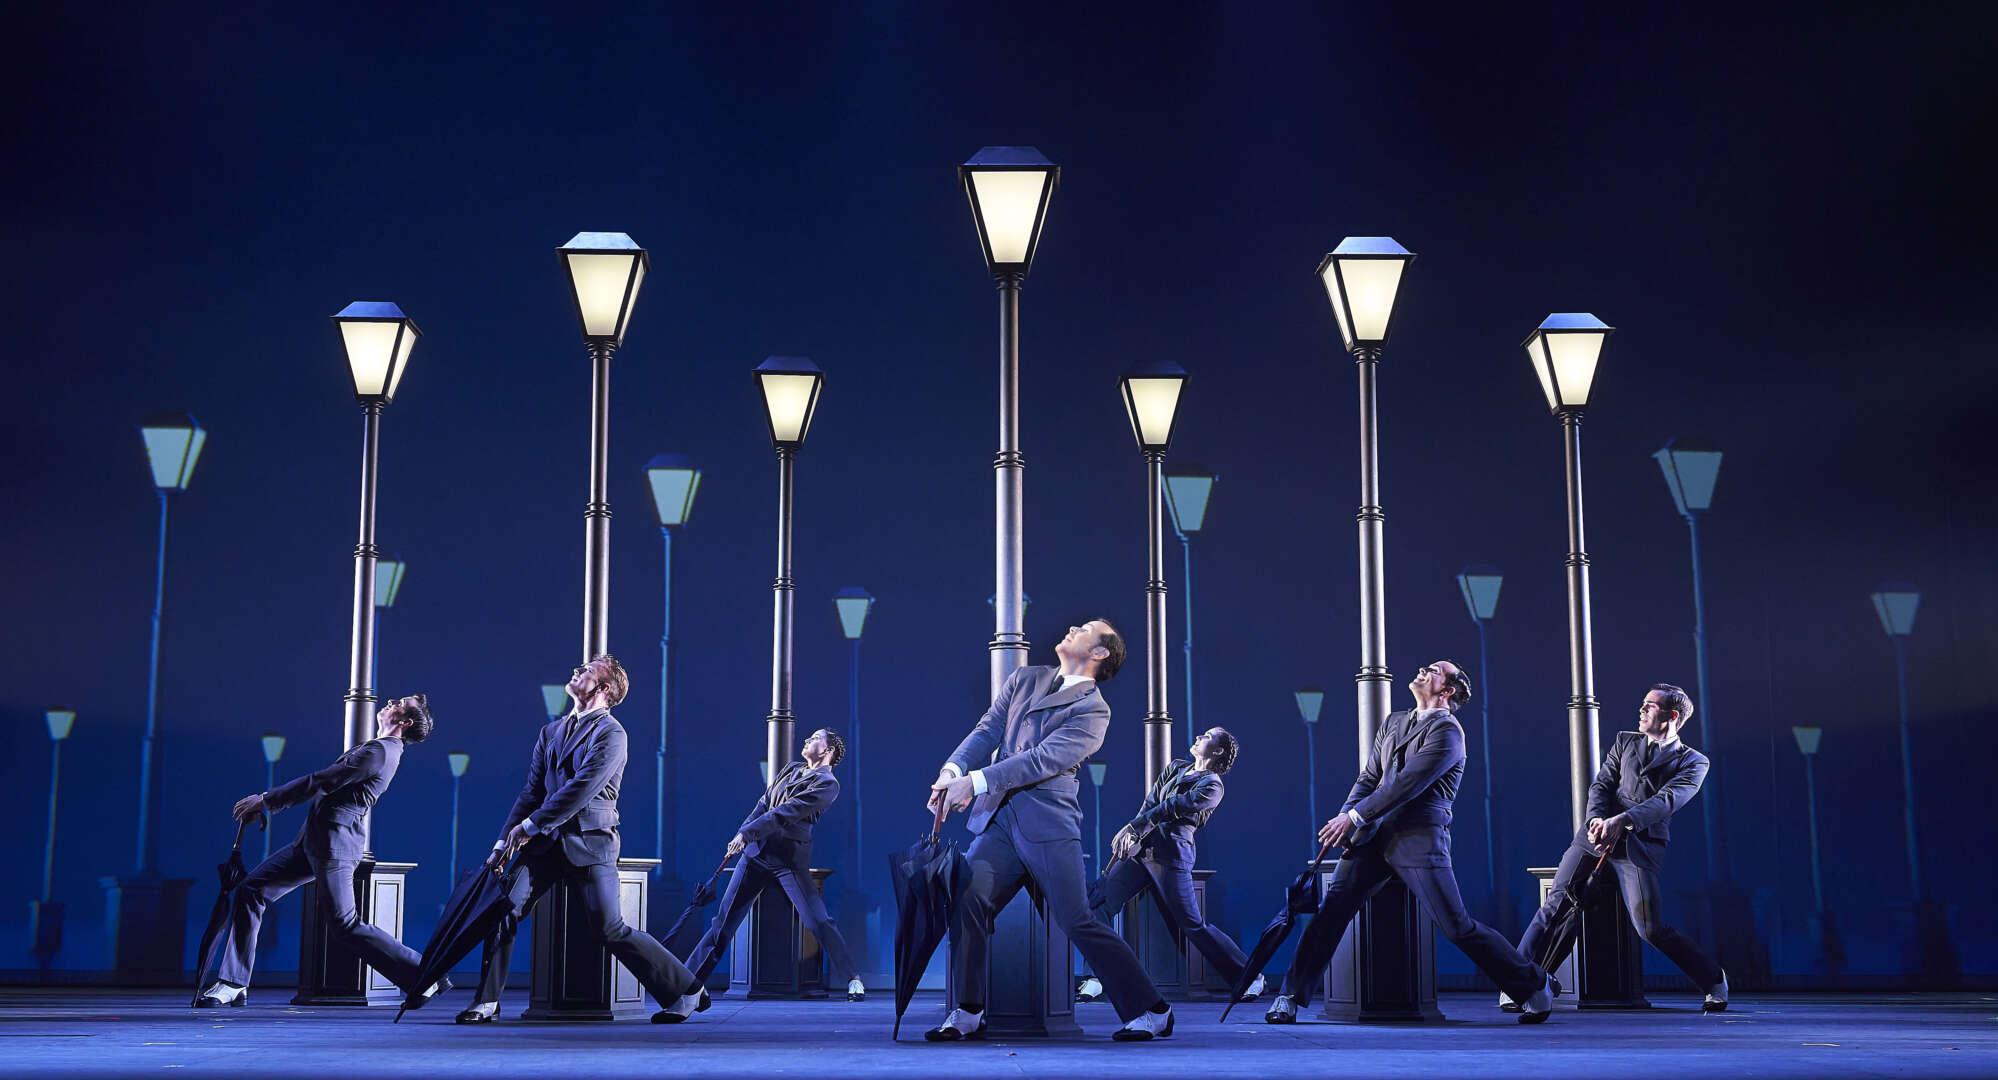 El moment més àlgid de l'espectacle, amb el tma 'Singing in the rain'